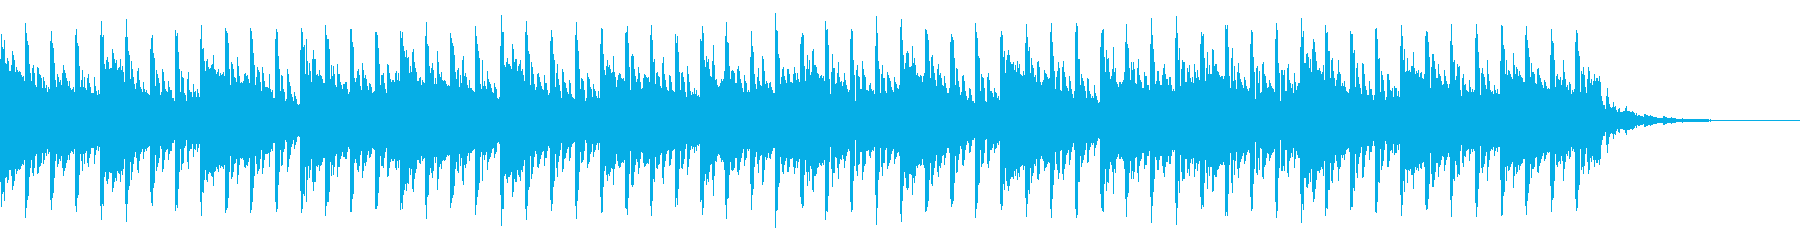 医学のインスピレーション(39秒)の再生済みの波形